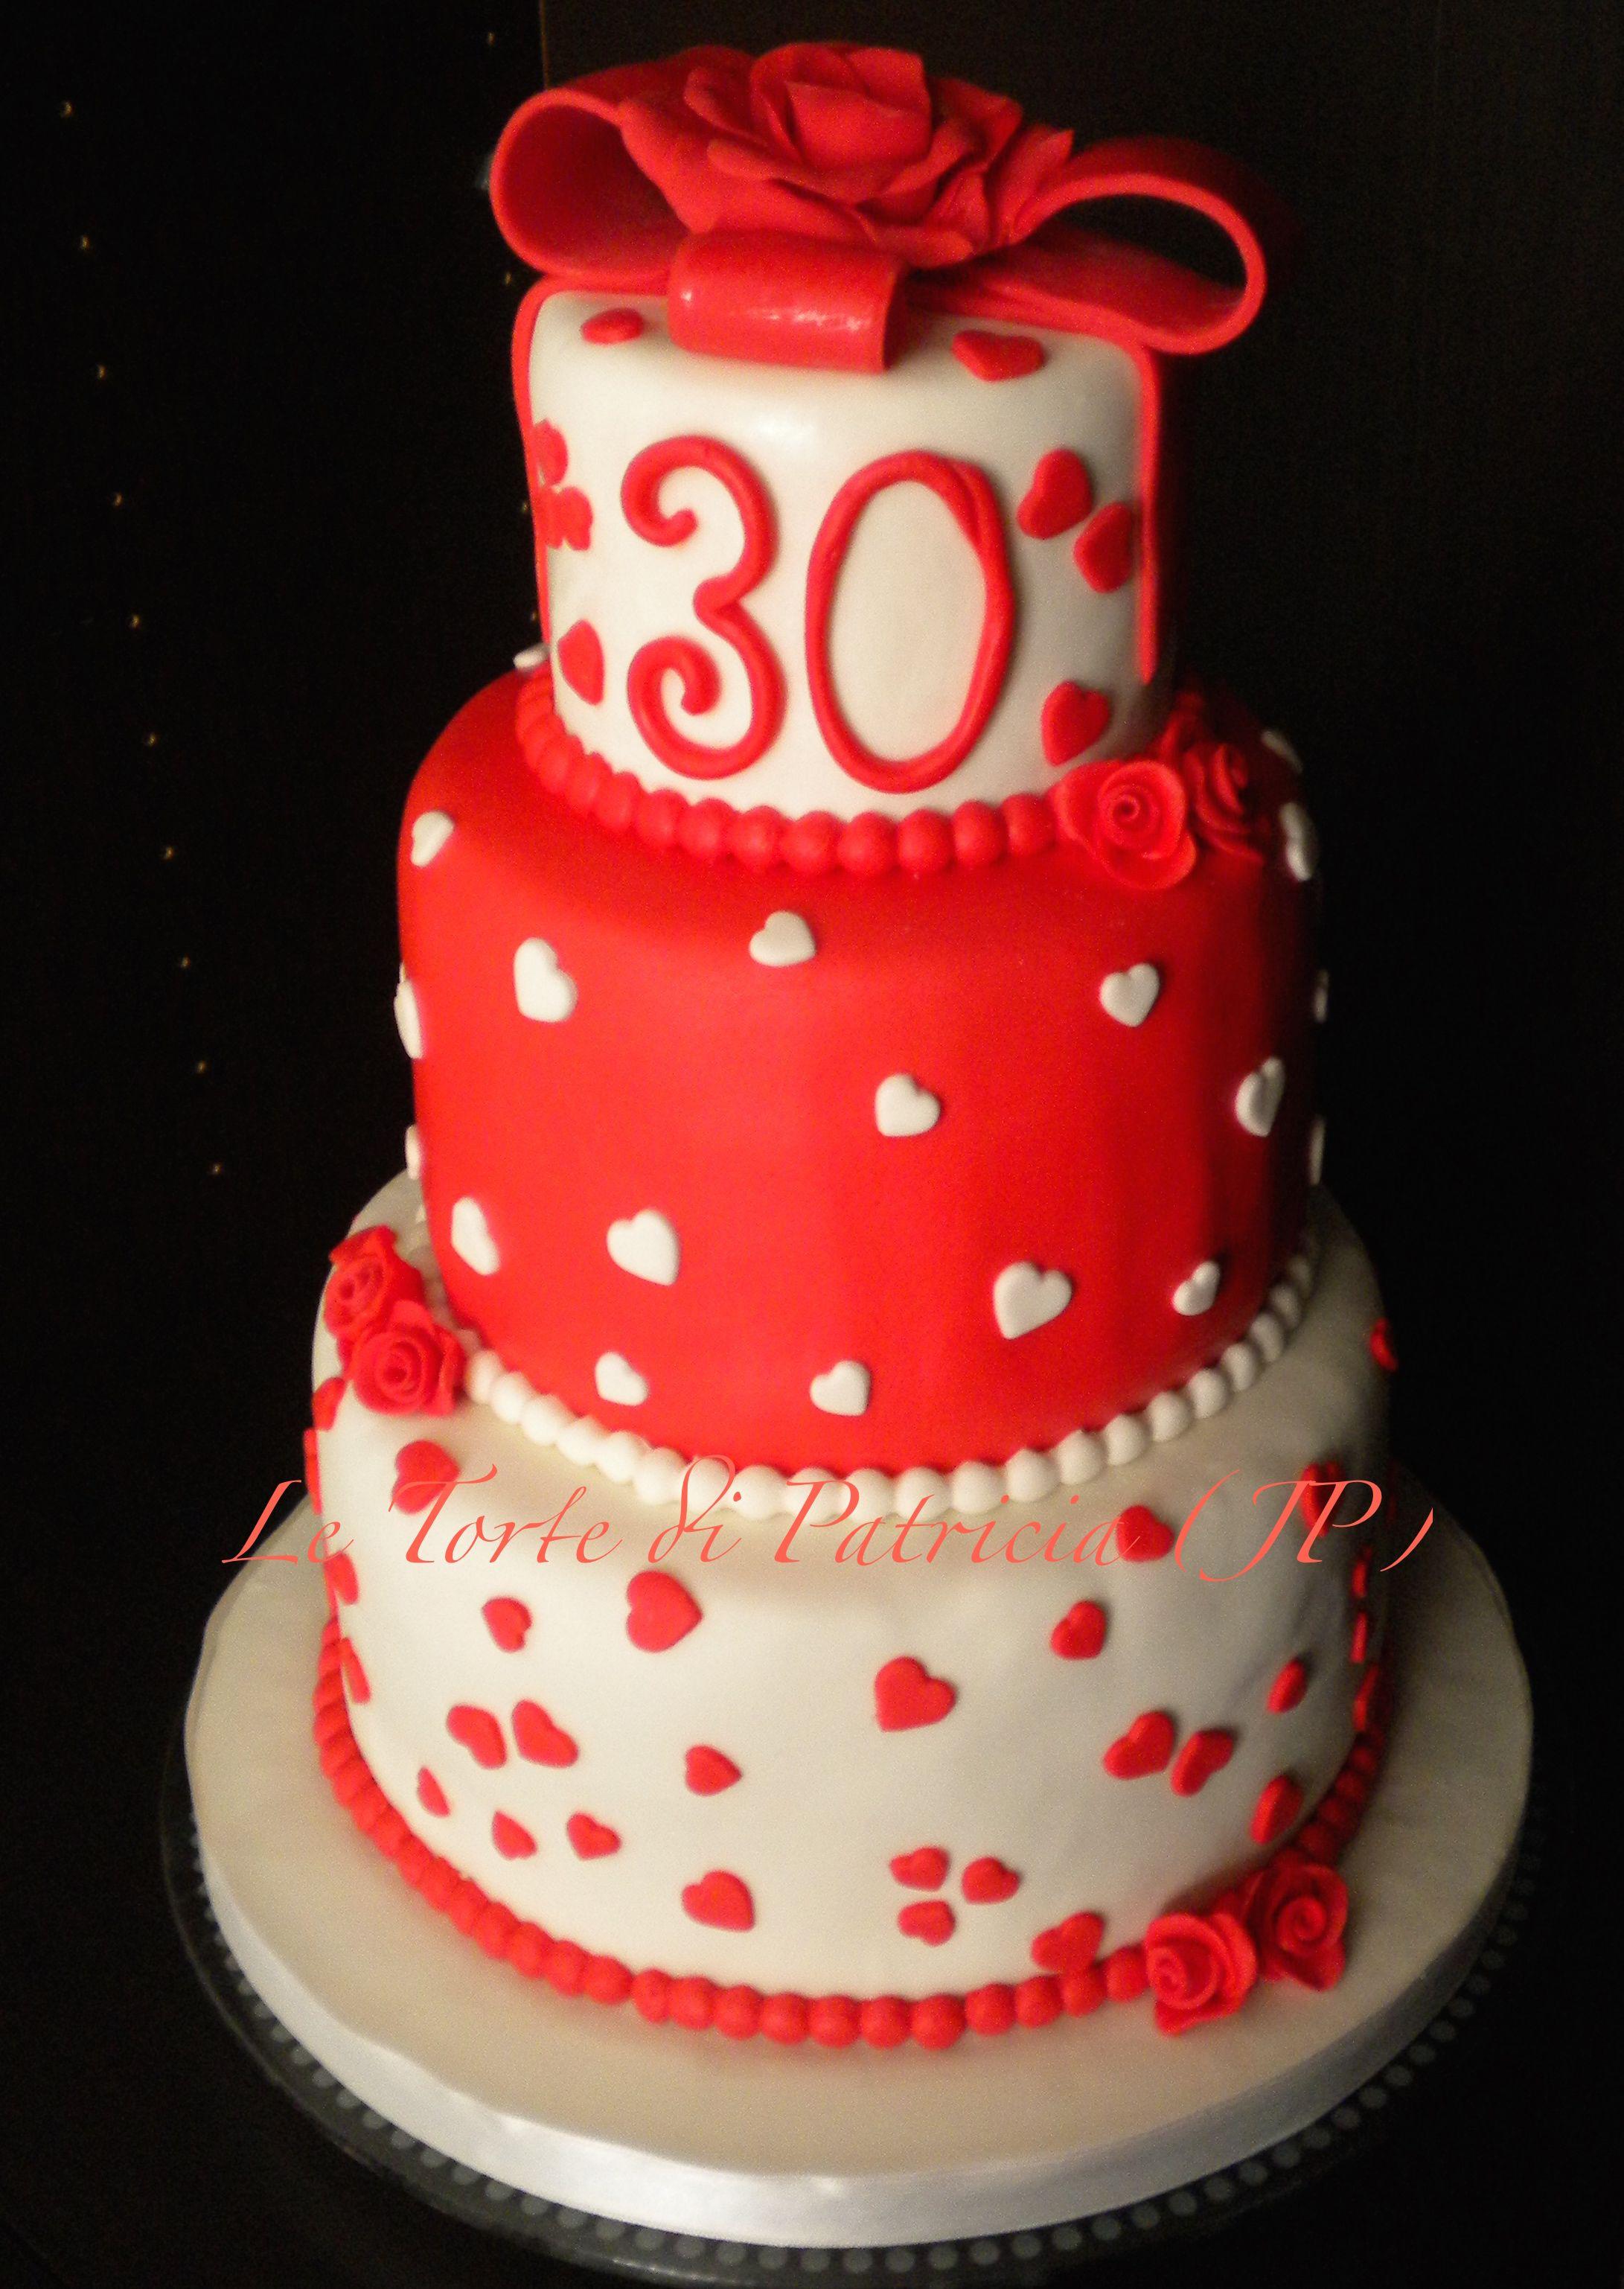 torta di compleanno per i 30 anni | Torte con rose nel 2019 | Cake